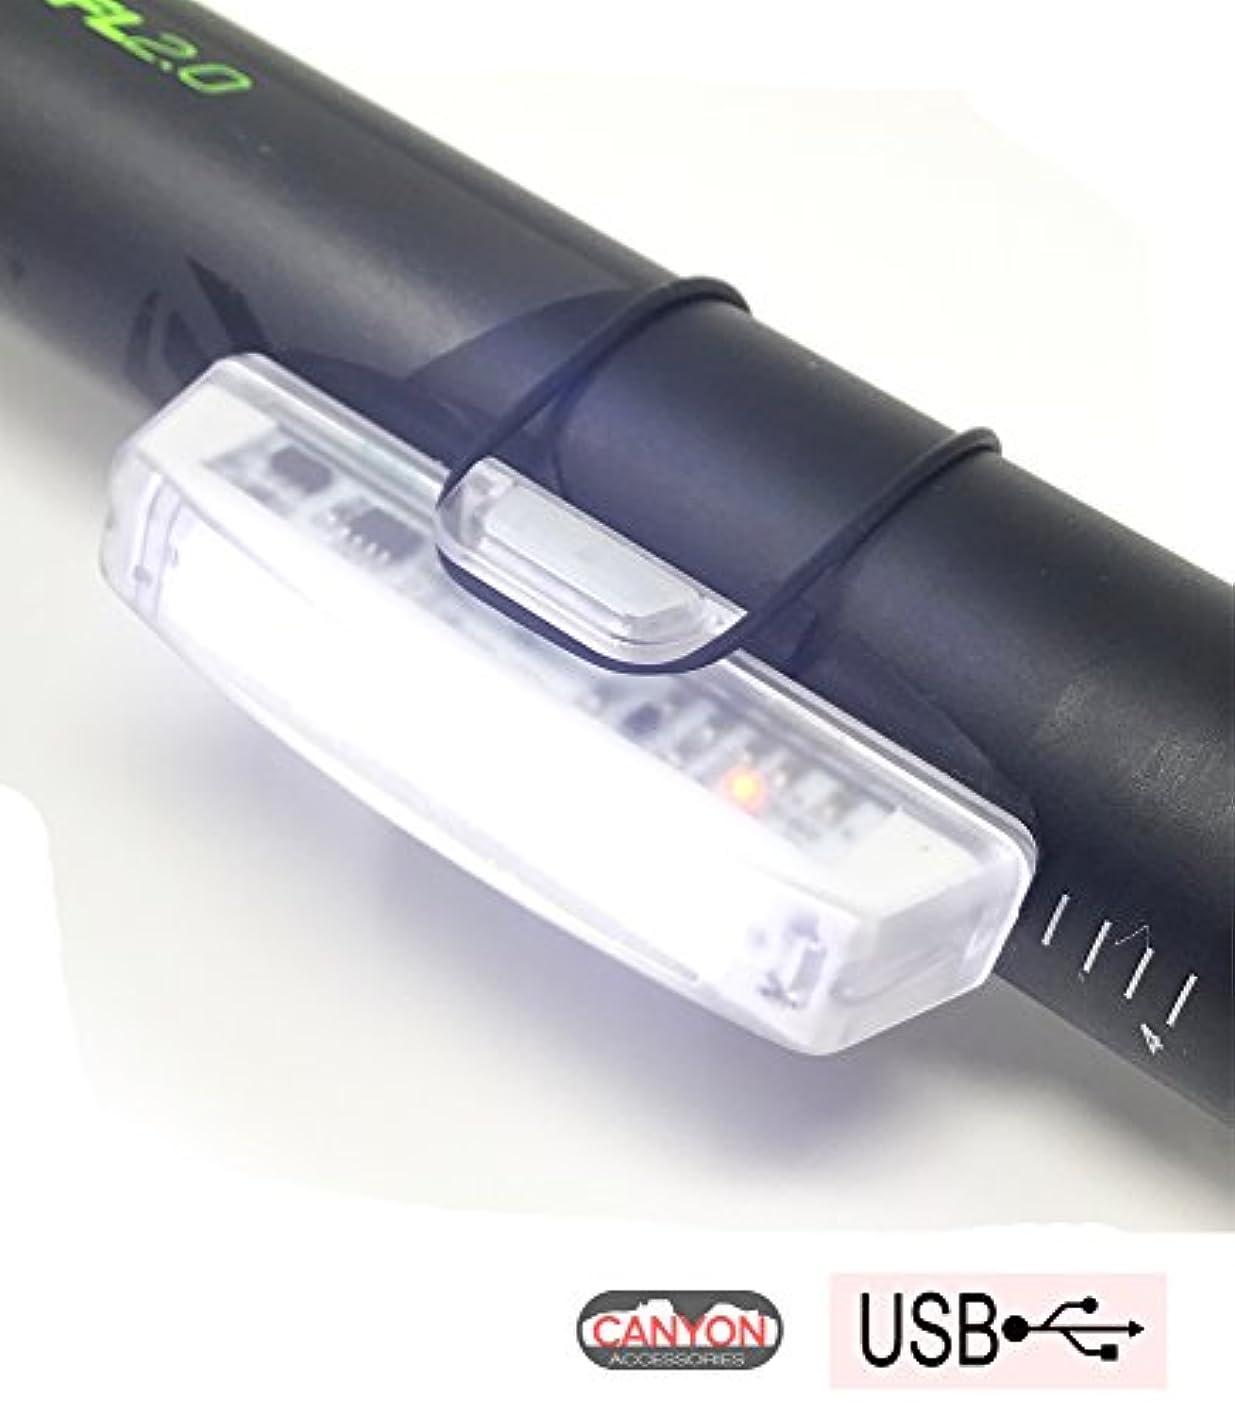 ボルト取り組む透過性キャニオンアクセサリーUSBケーブル付きスーパーブライトフロントバイクライト - 充電式 - どんなバイクやヘルメットにもフィット - 防水IPX4-6ライトモードオプション